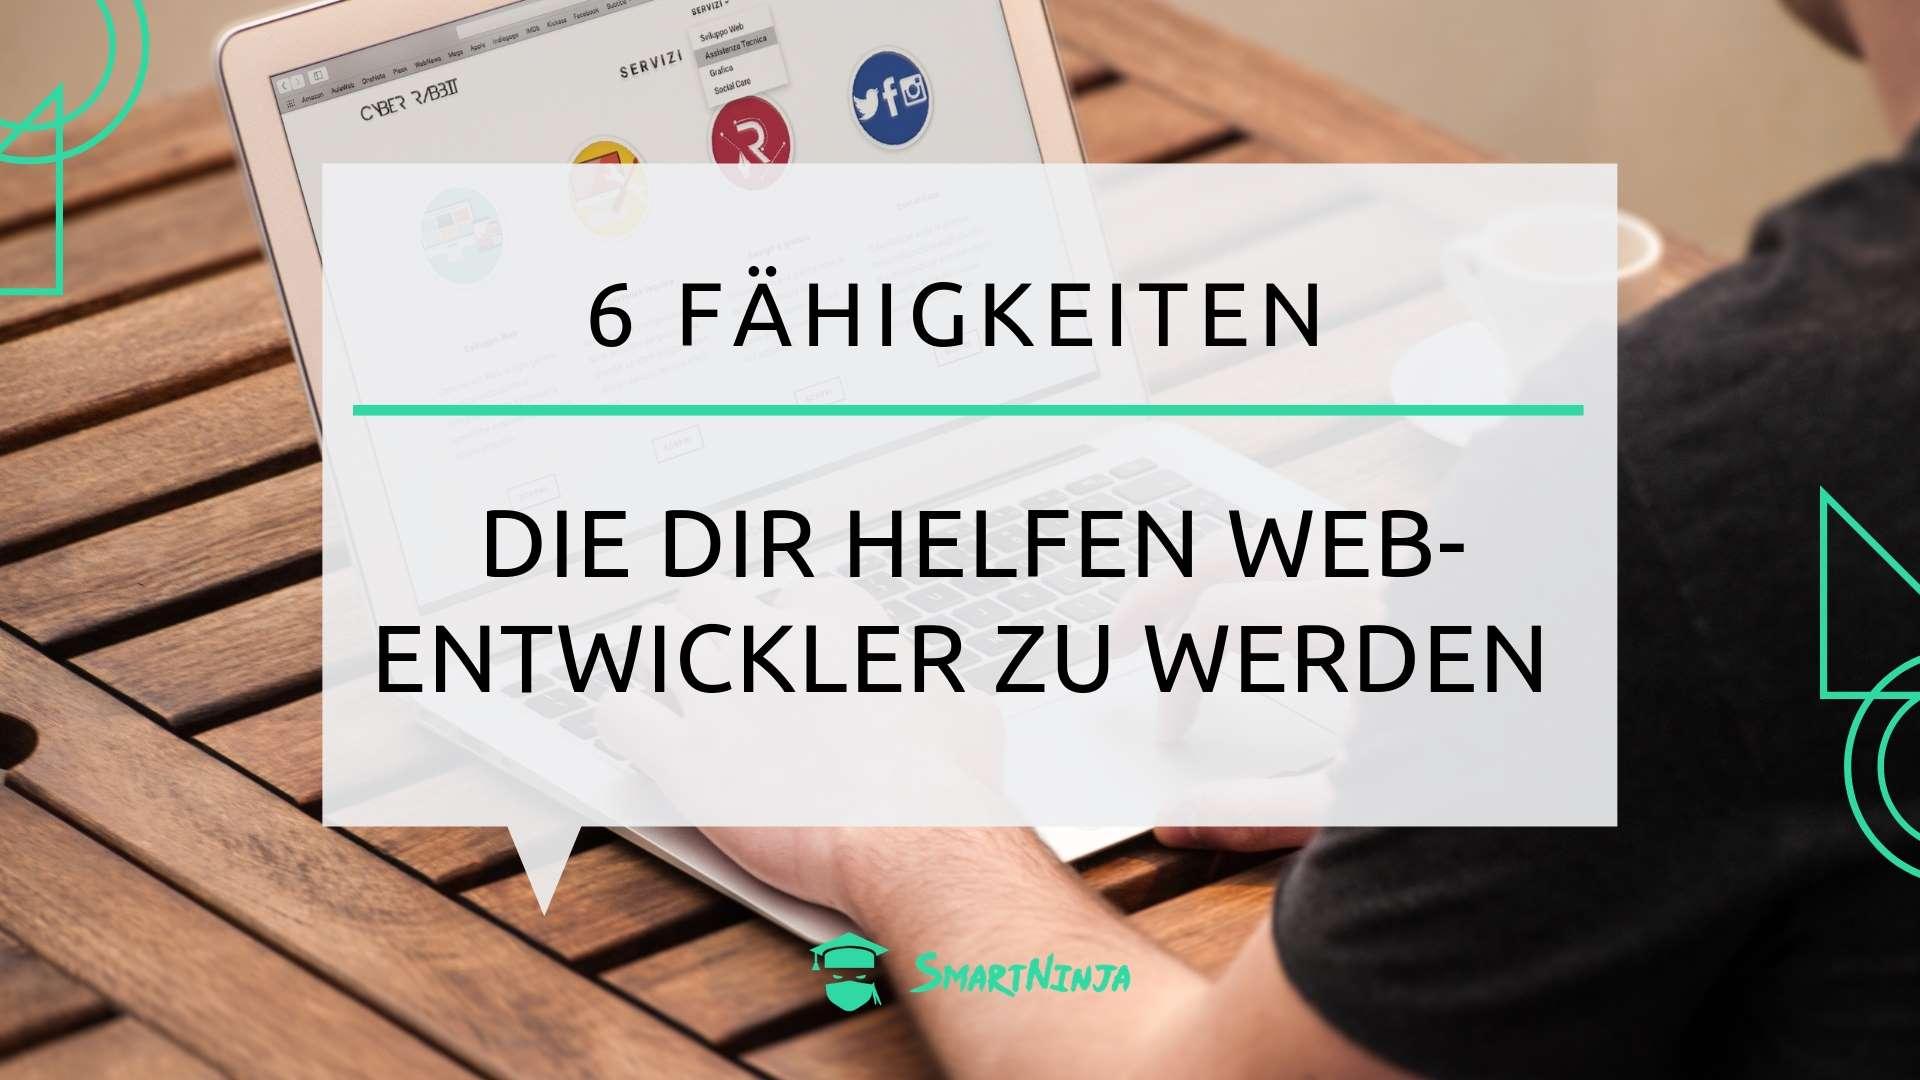 6 Fähigkeiten, die dir helfen Webentwickler zu werden